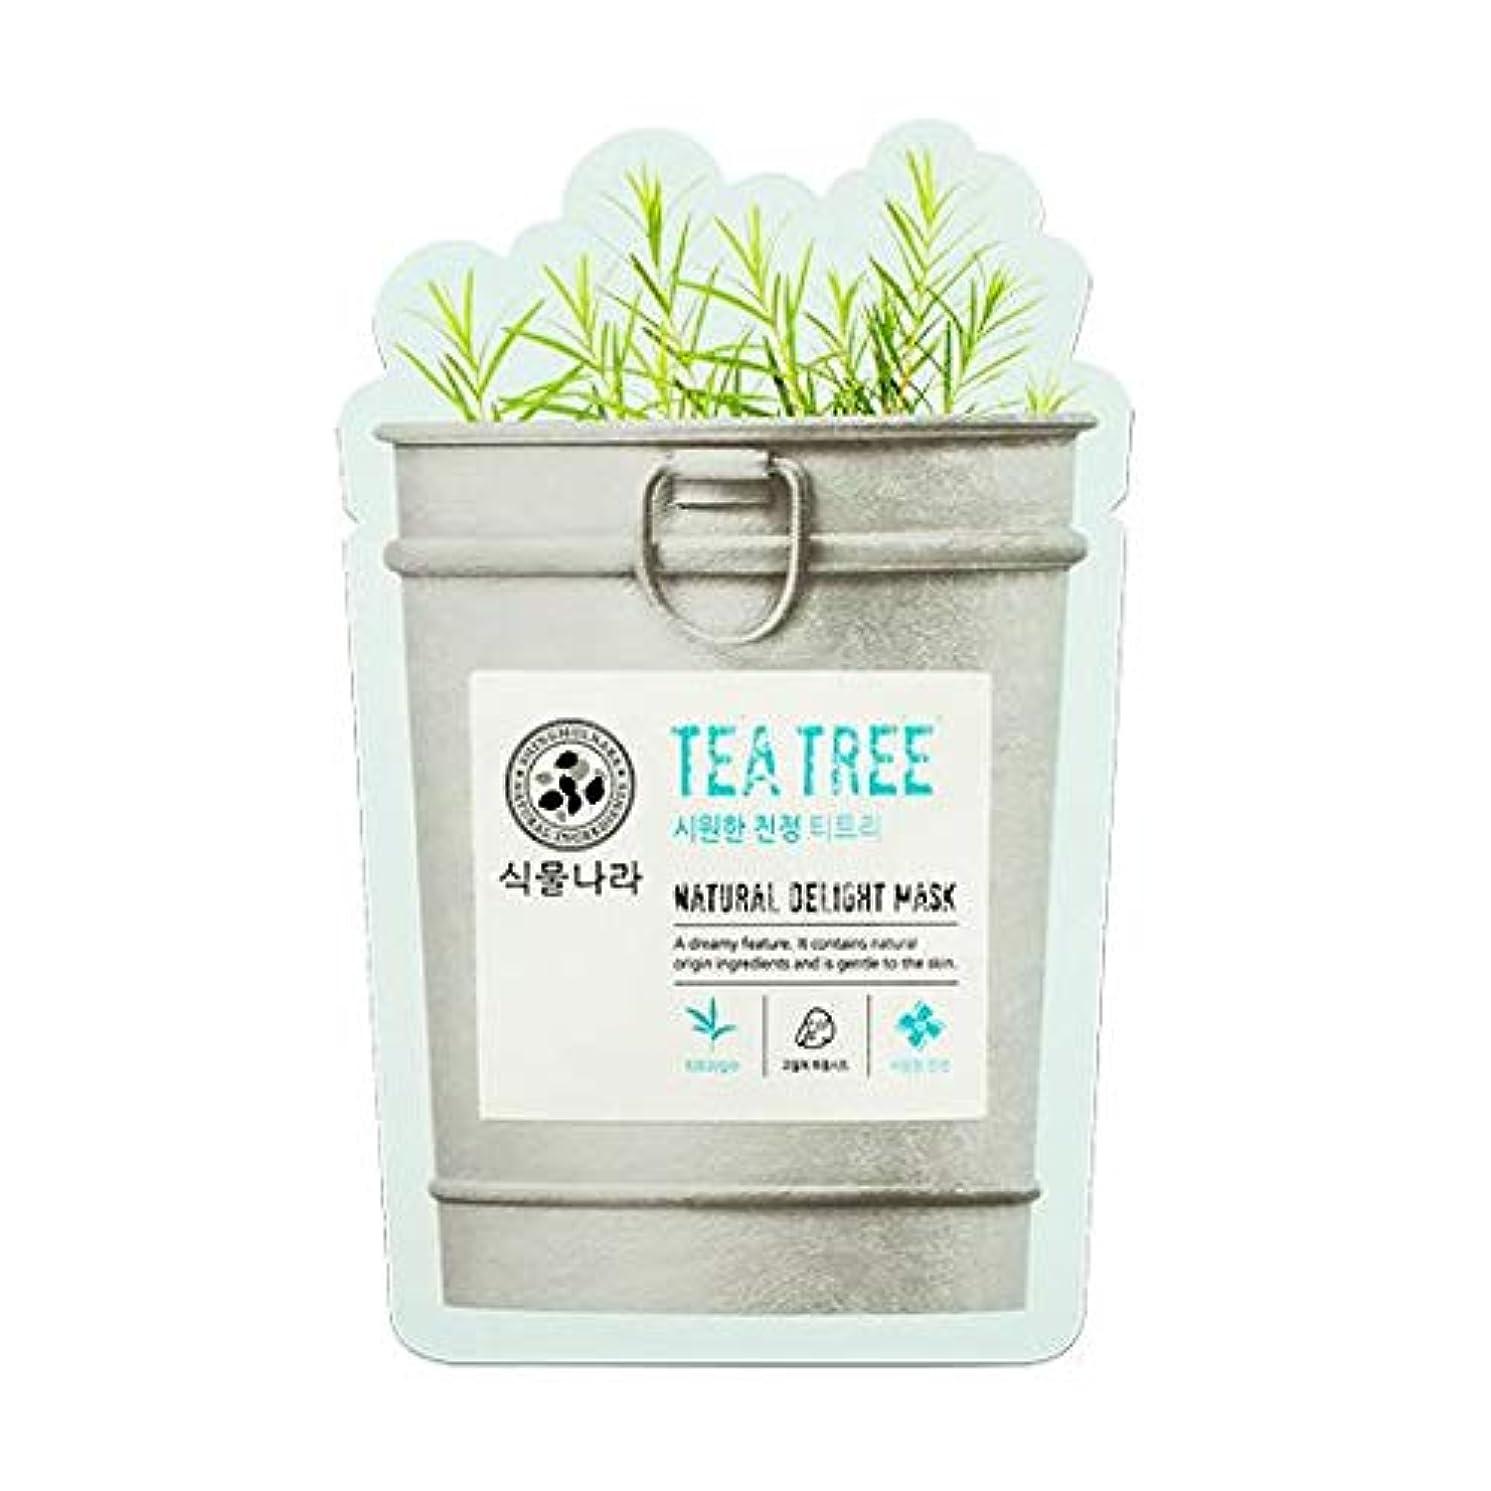 追跡賄賂分子SHINGMULNARA 植物ナラ ナチュラル デライト マスクパック ティートリ/アロエ/炭/蜜 韓国オリーブ霊遊明商品 (ティートリー (Tea Tree) 5pack)